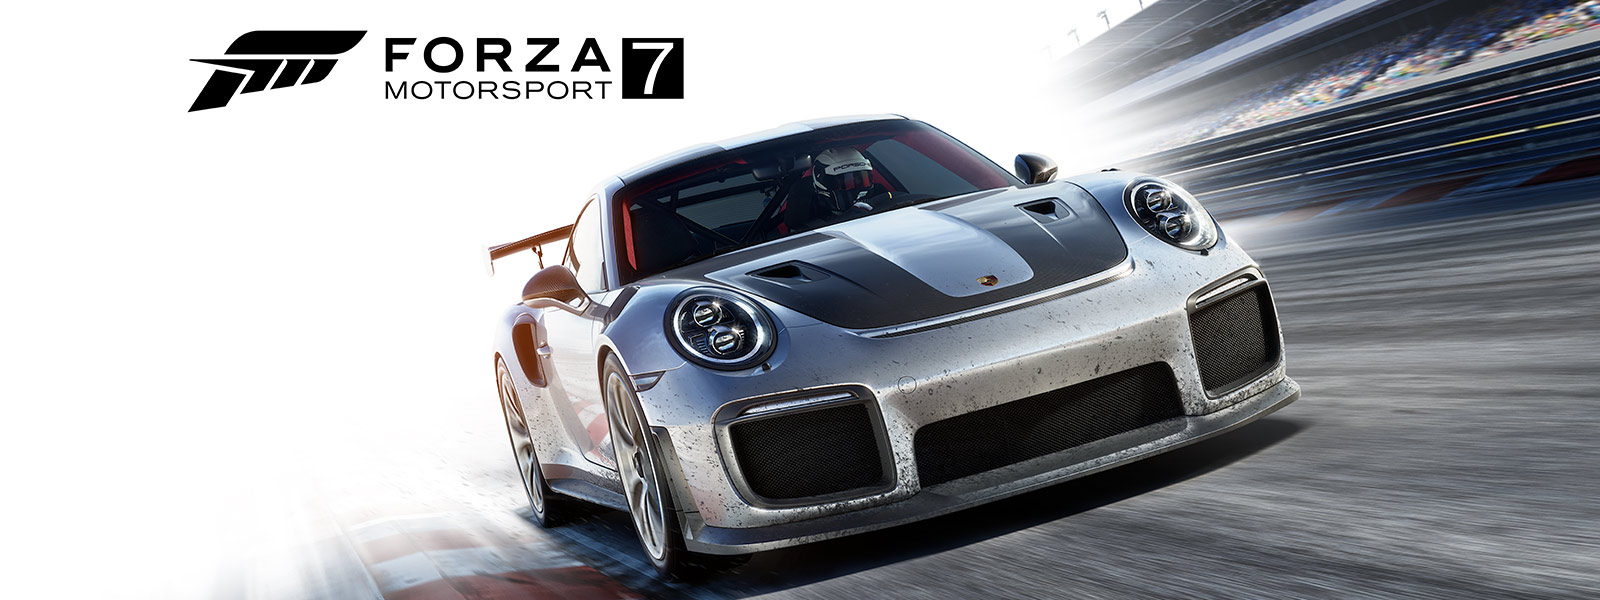 Hrdina Forza 7